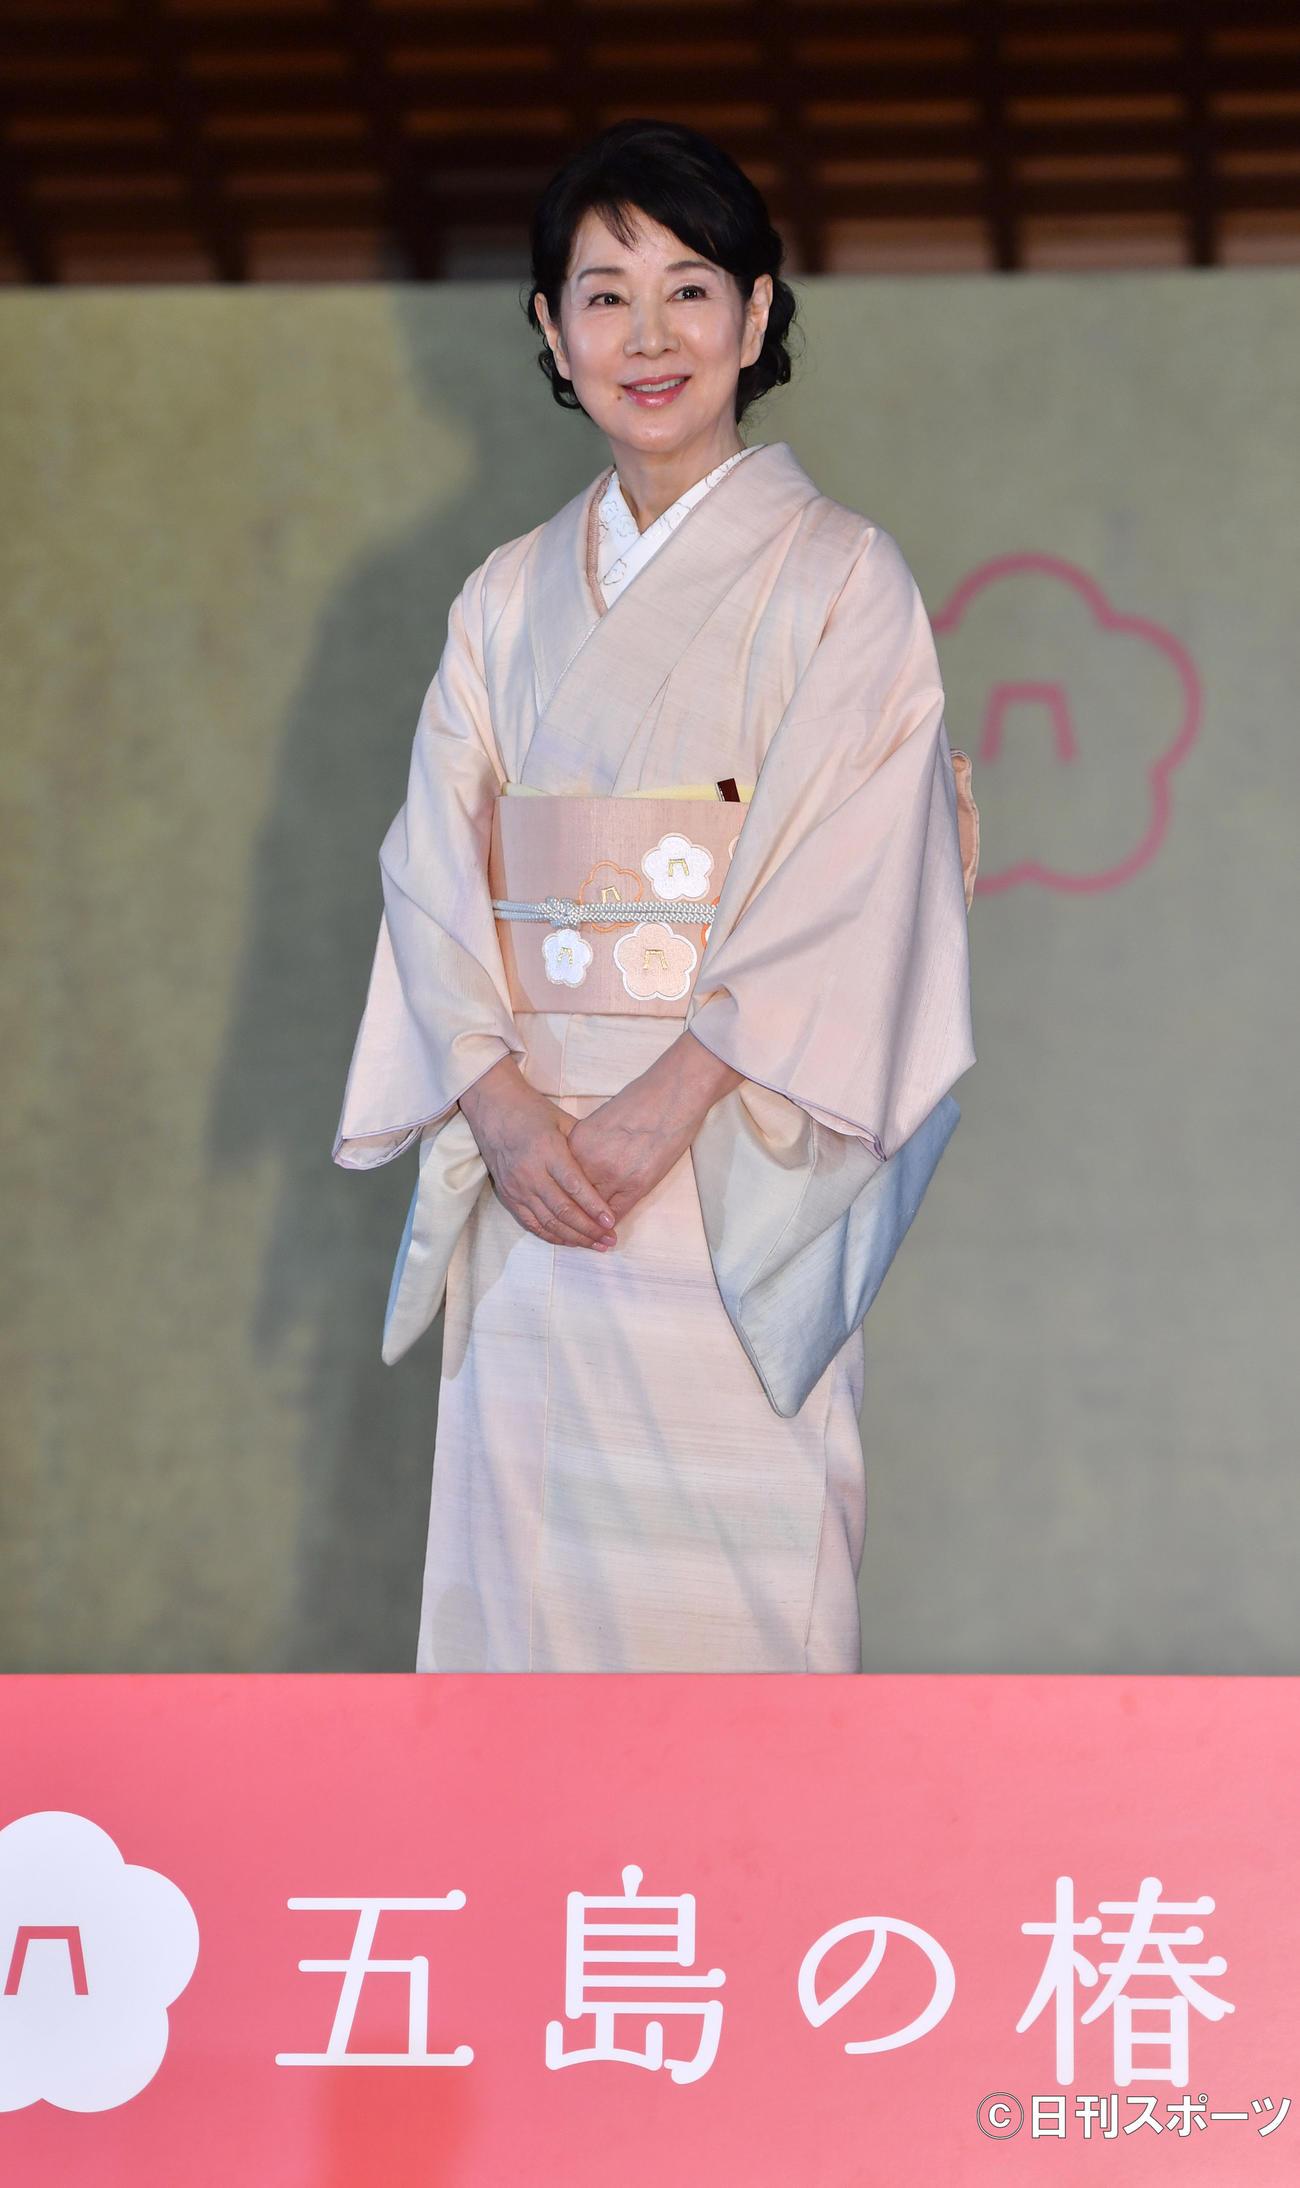 「五島の椿プロジェクト発表会」で五島の椿で染めた着物を披露する吉永小百合(撮影・柴田隆二)